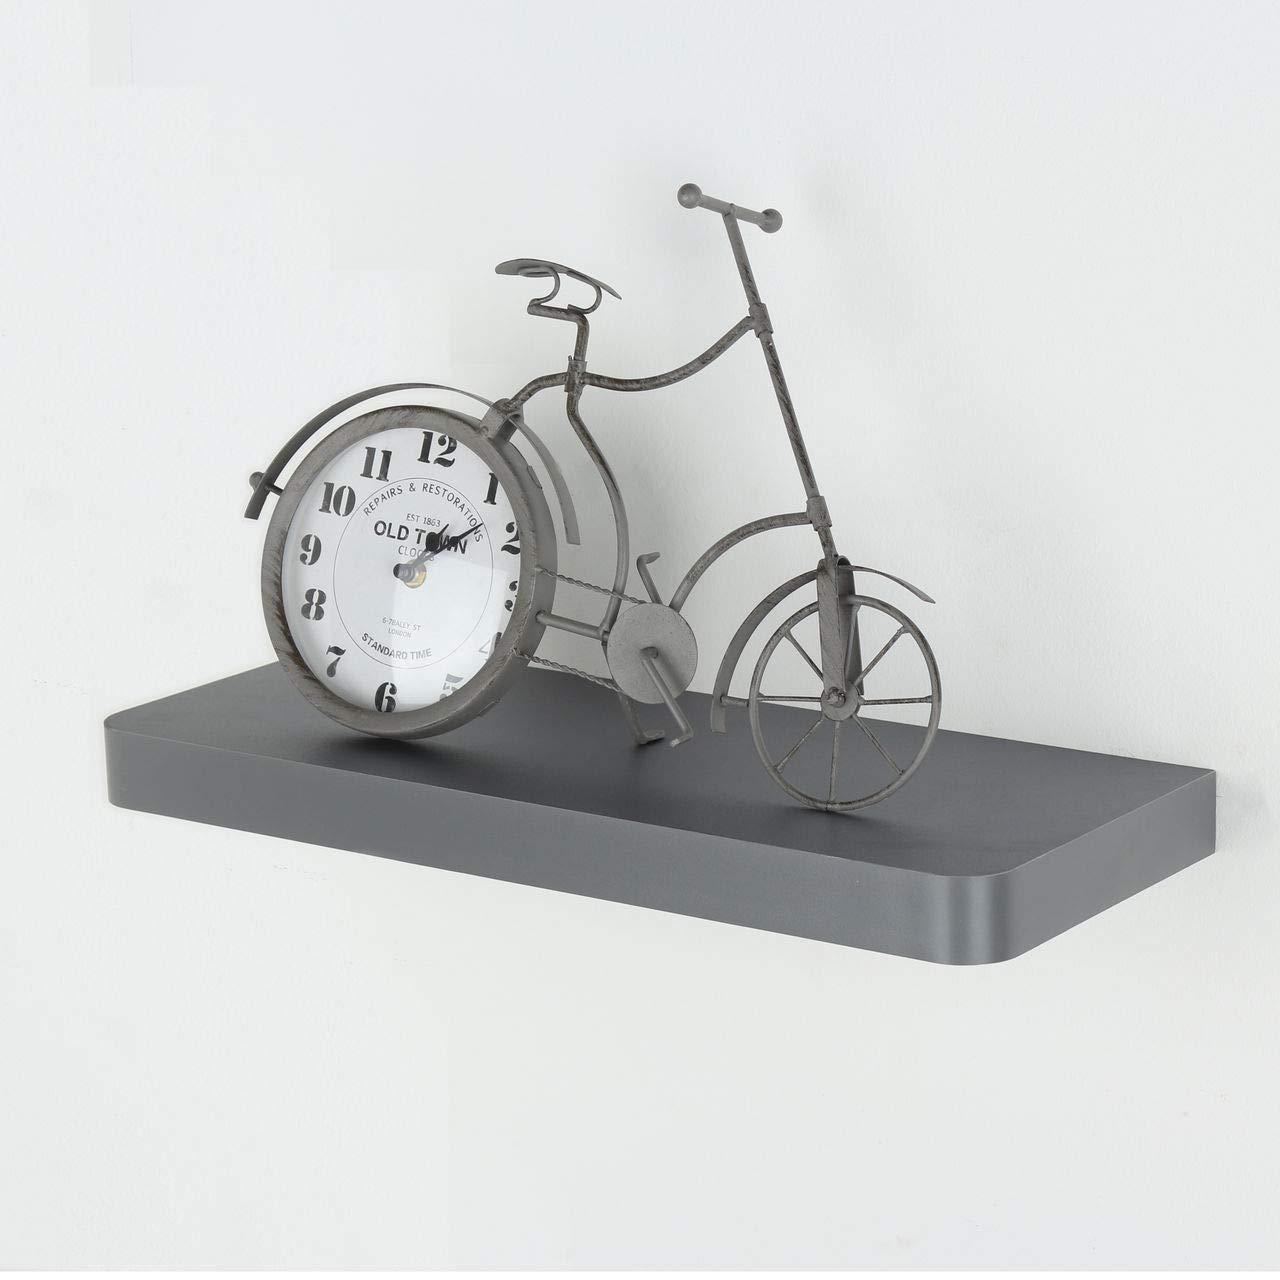 Aufbewahren & Ordnen Design Vicenza Arezzo Schwimmregal-Set Regale & Ablagen Mattweiß